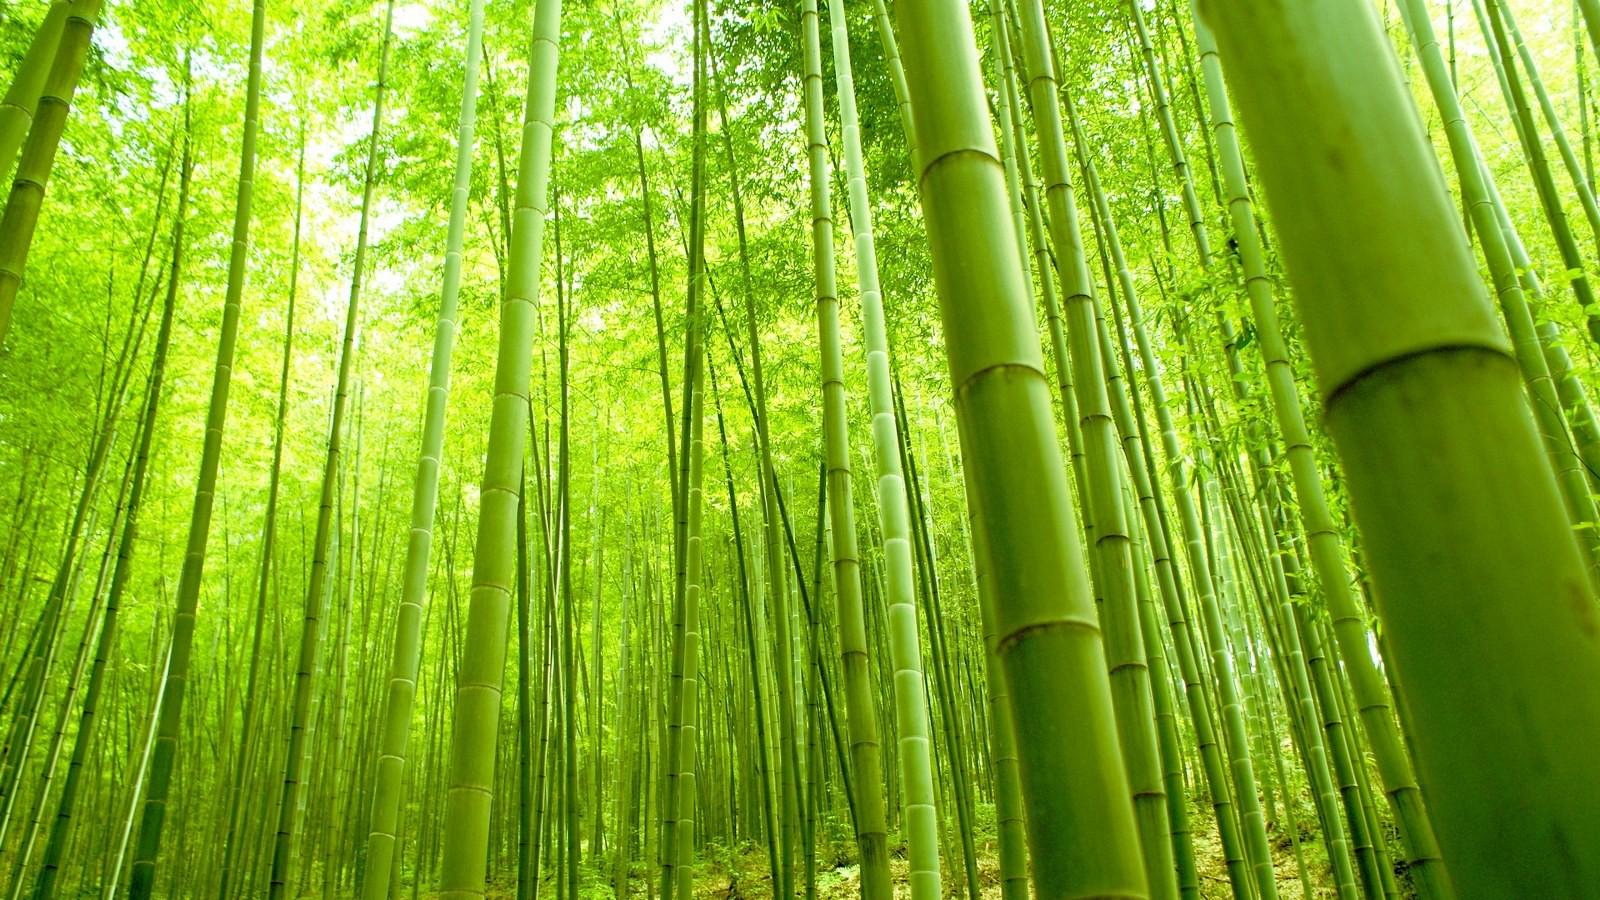 这样不仅可以融入大自然,而且还能享受到自己搭建和创造的过程.